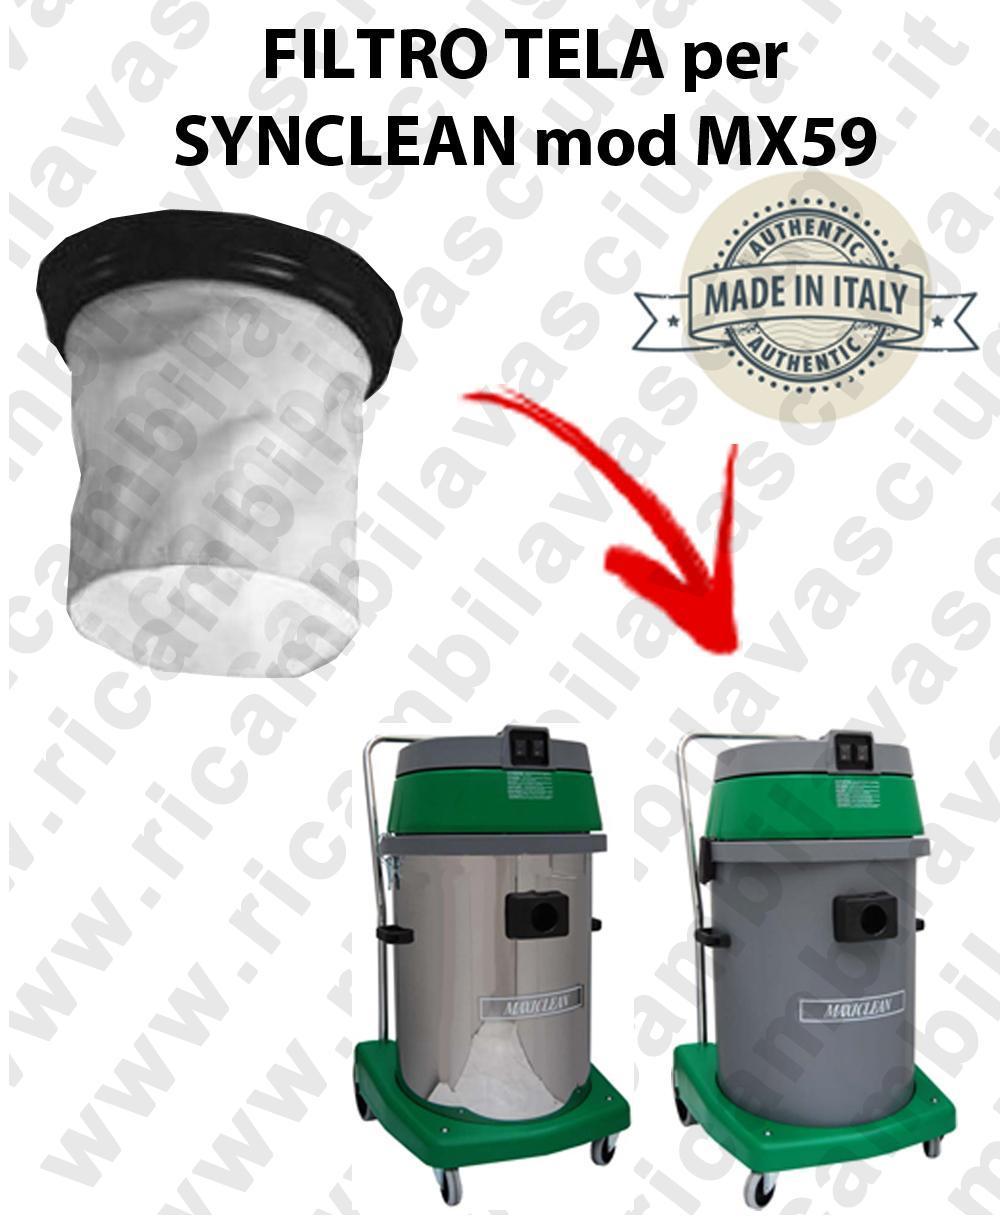 Filtro de tela para aspiradora MAXICLEAN modelo MX 59 - SYNCLEAN